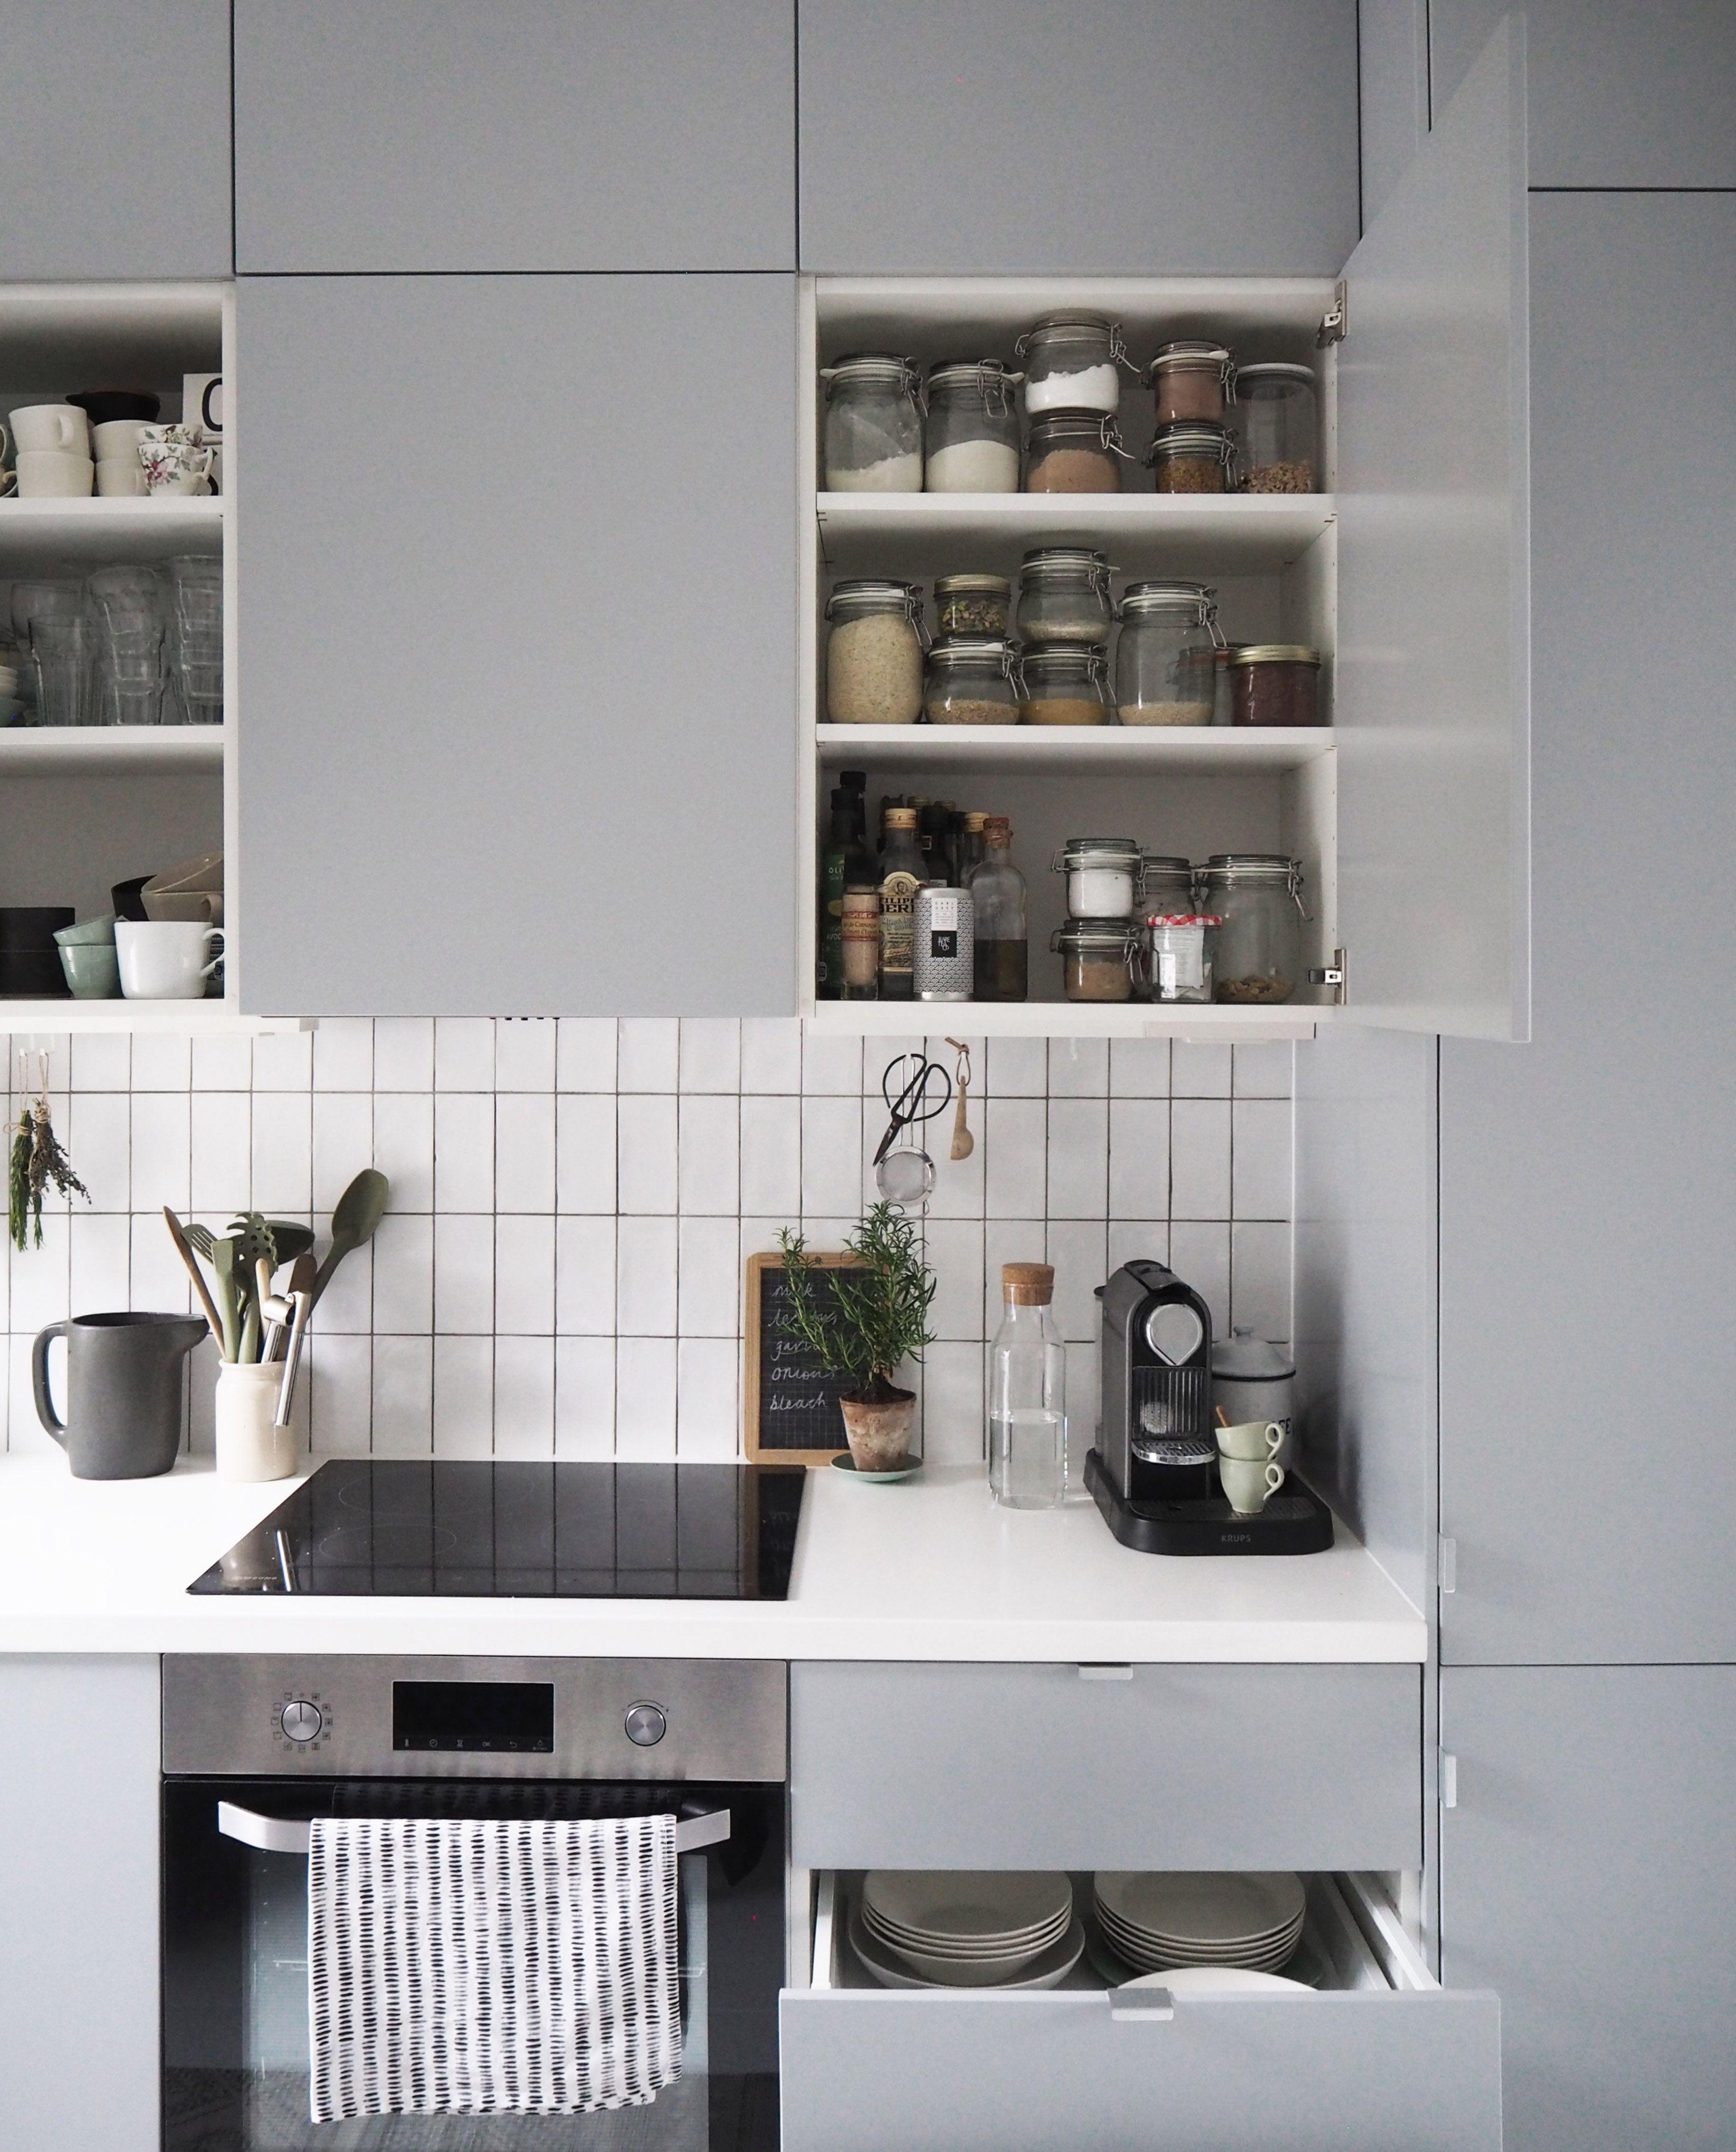 Kleine küchenideen vor und nach ikea veddinge grey kitchen  clever storage solutions for small